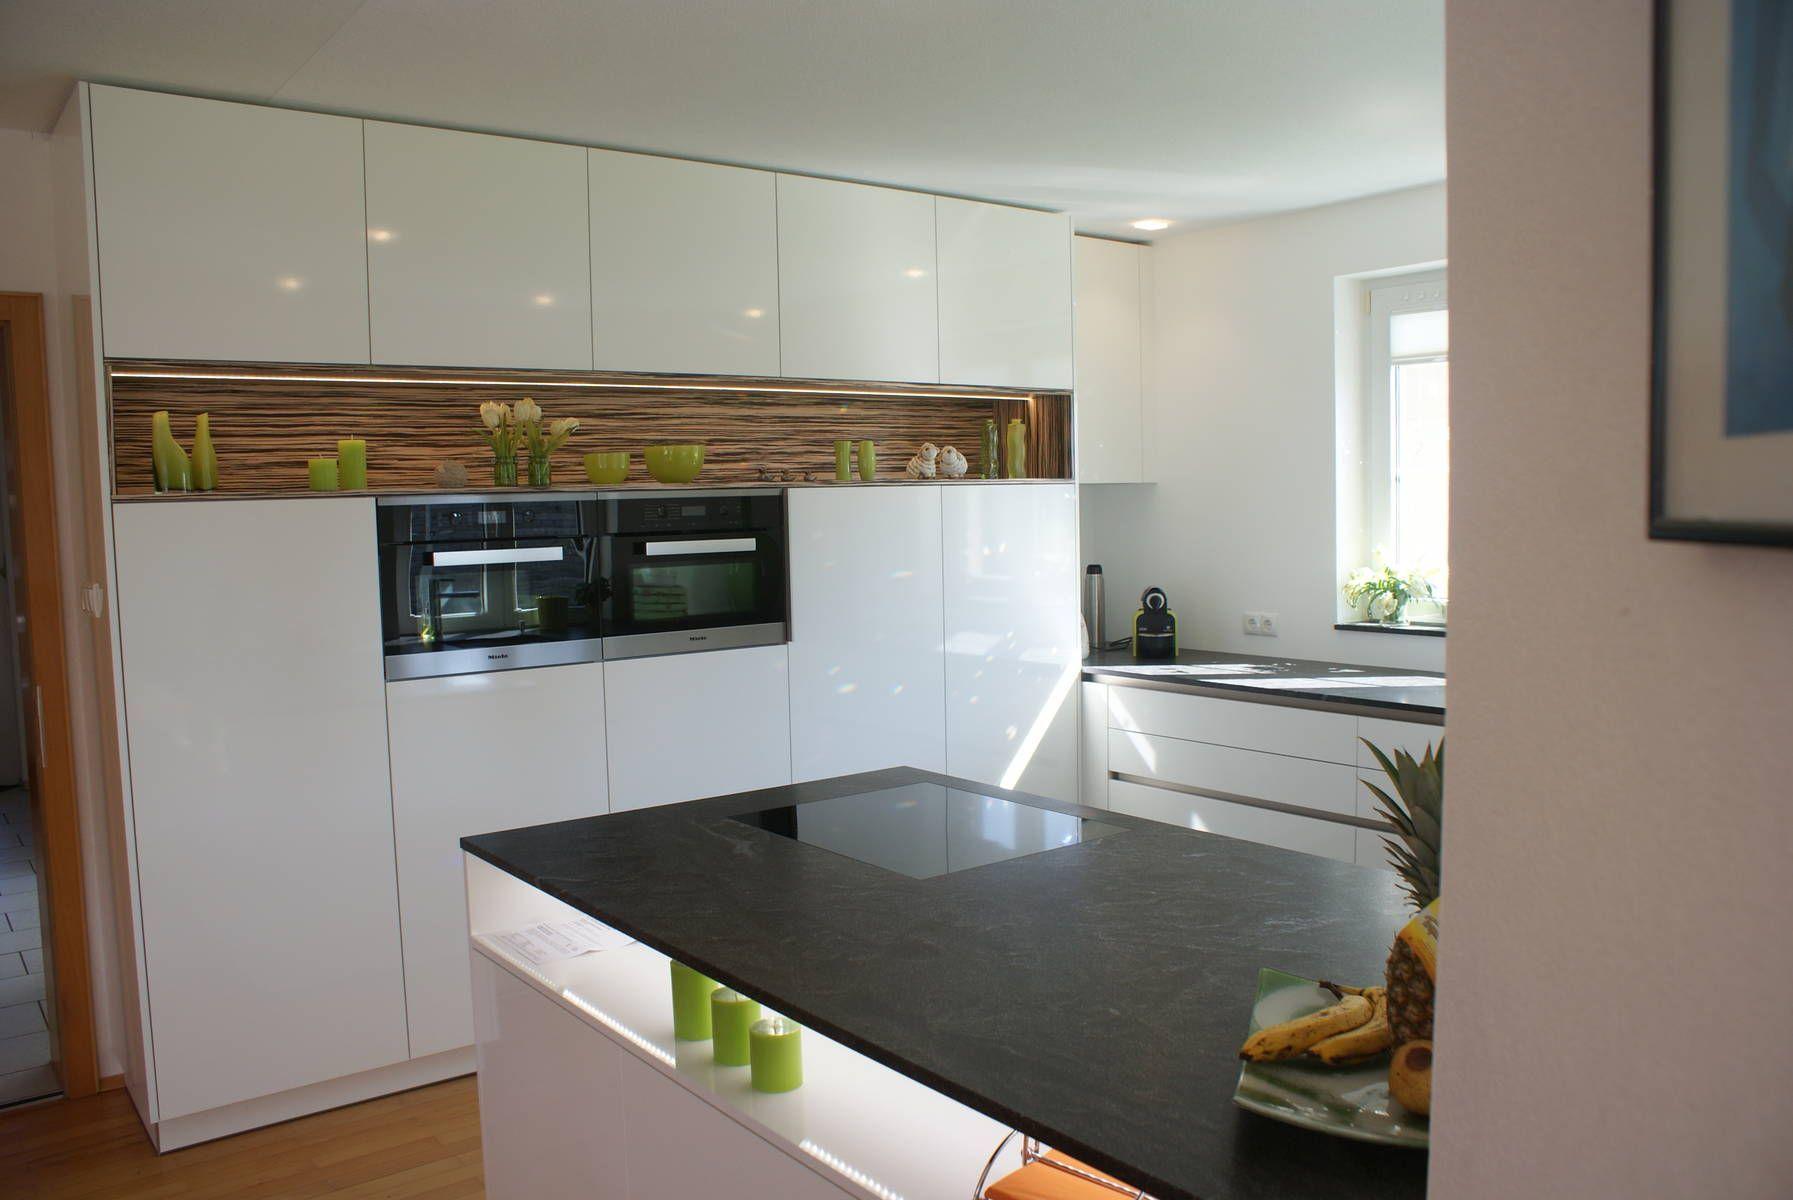 Küche in Hochglanz-Optik, glänzenden Fronten, Küchenfronten, Design ...